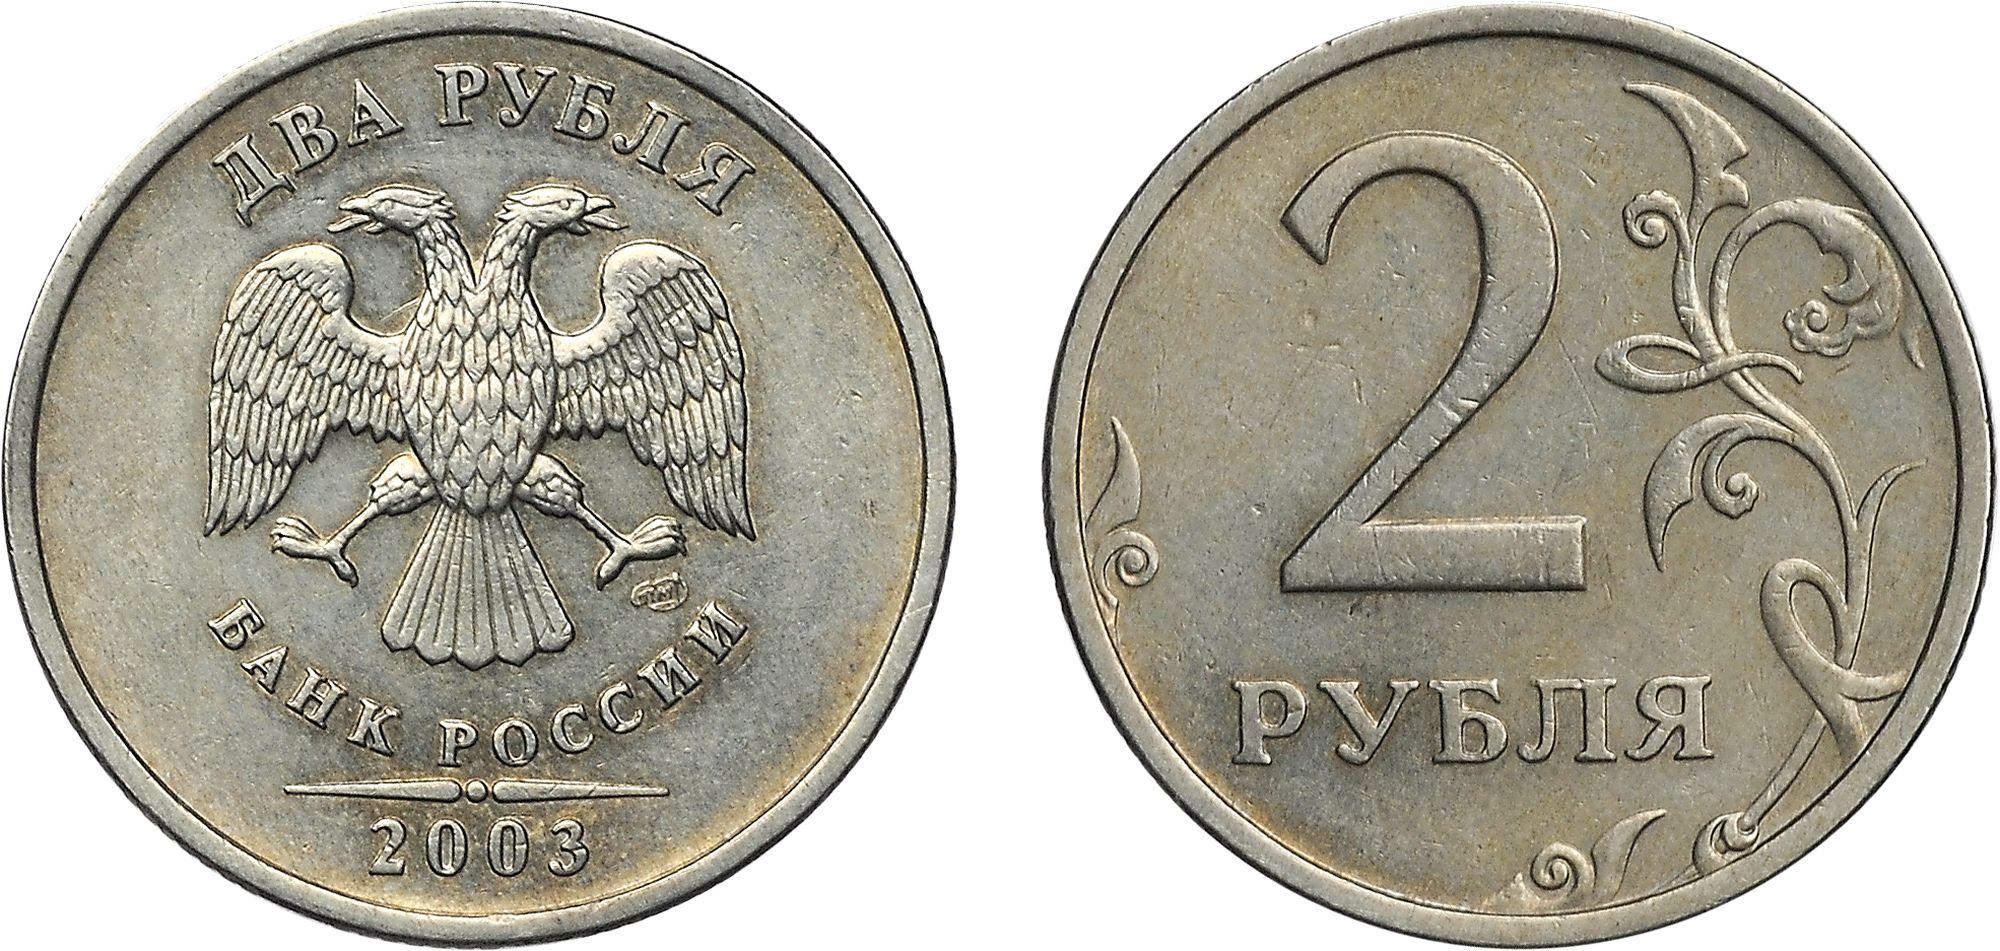 1 рубль, 2 рубля и 5 рублей 2003 г.